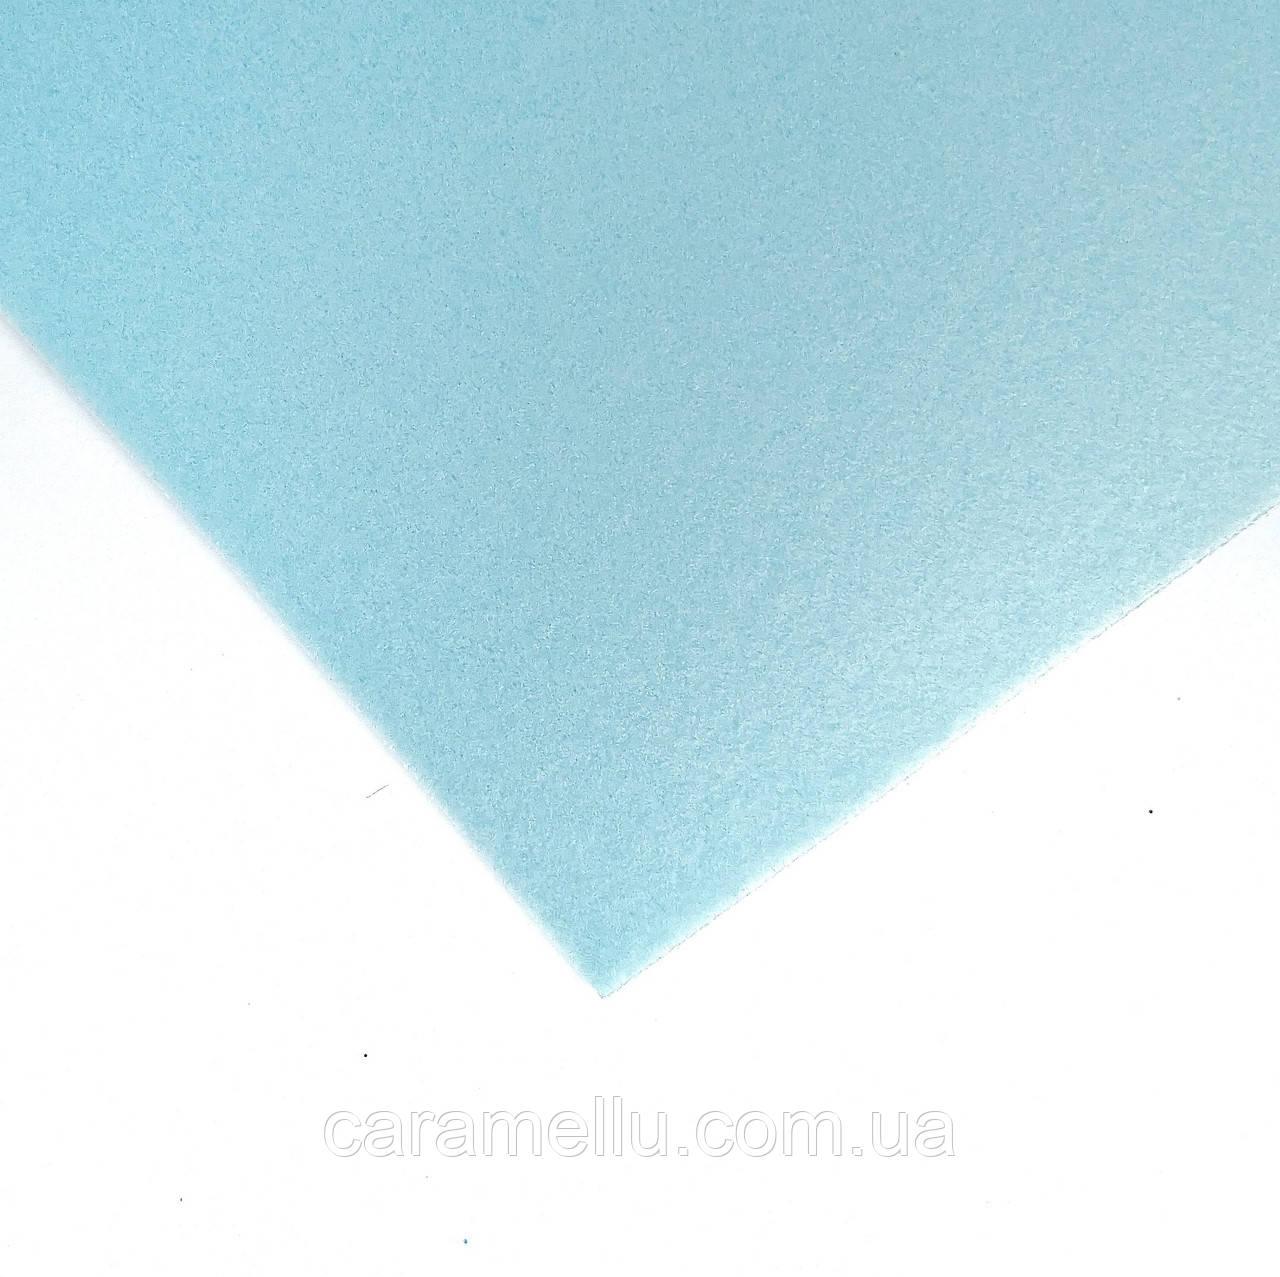 Изолон 2мм. 25*50 см. Светло-голубой